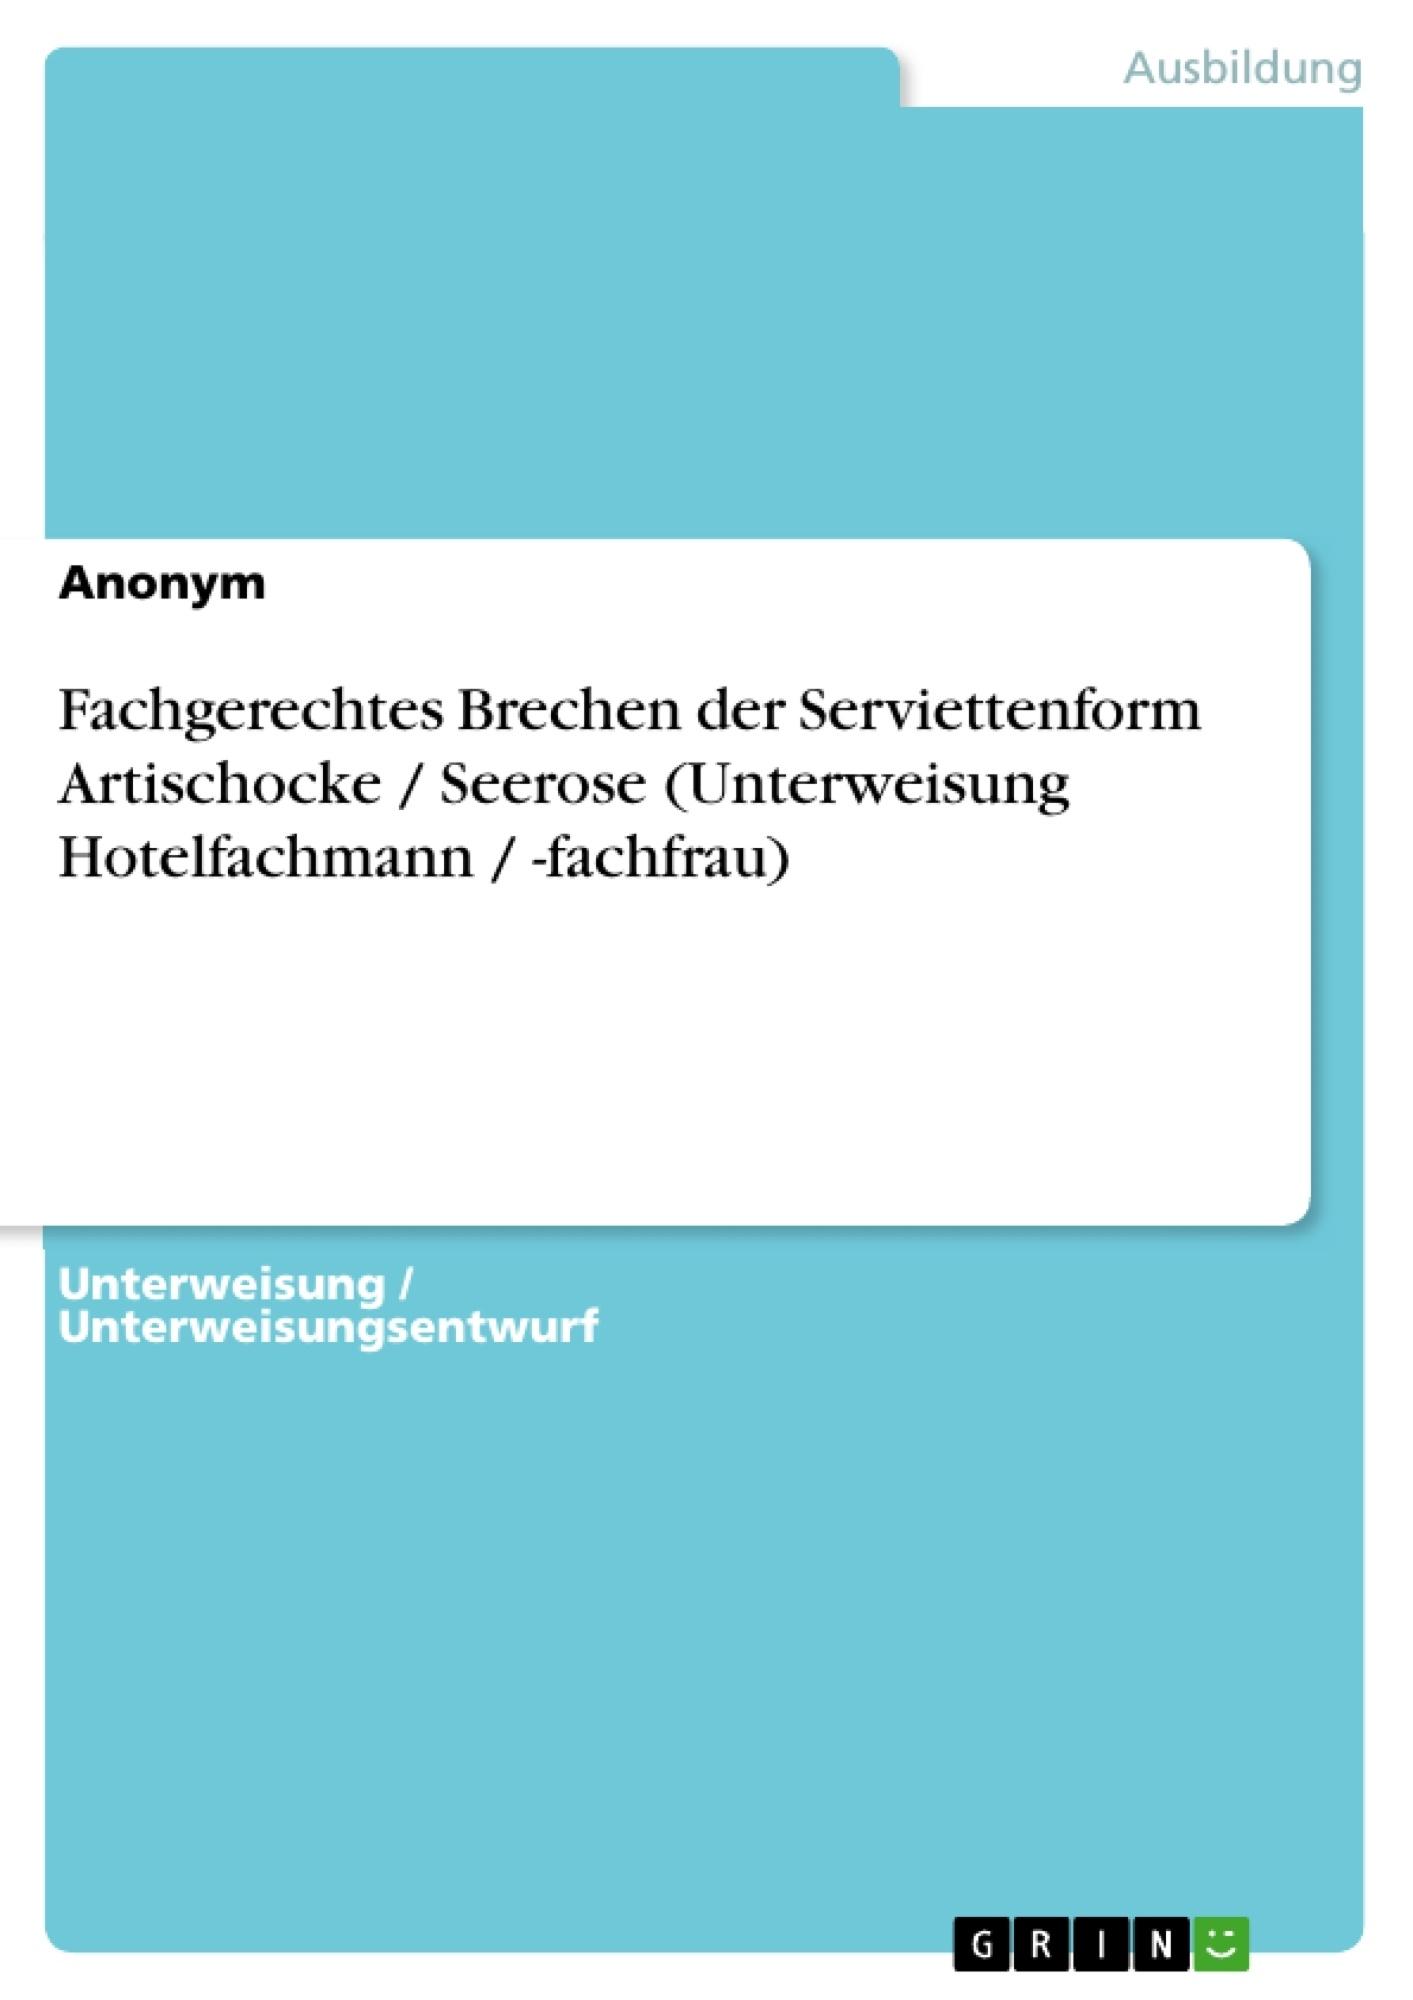 Titel: Fachgerechtes Brechen der Serviettenform Artischocke / Seerose (Unterweisung Hotelfachmann / -fachfrau)